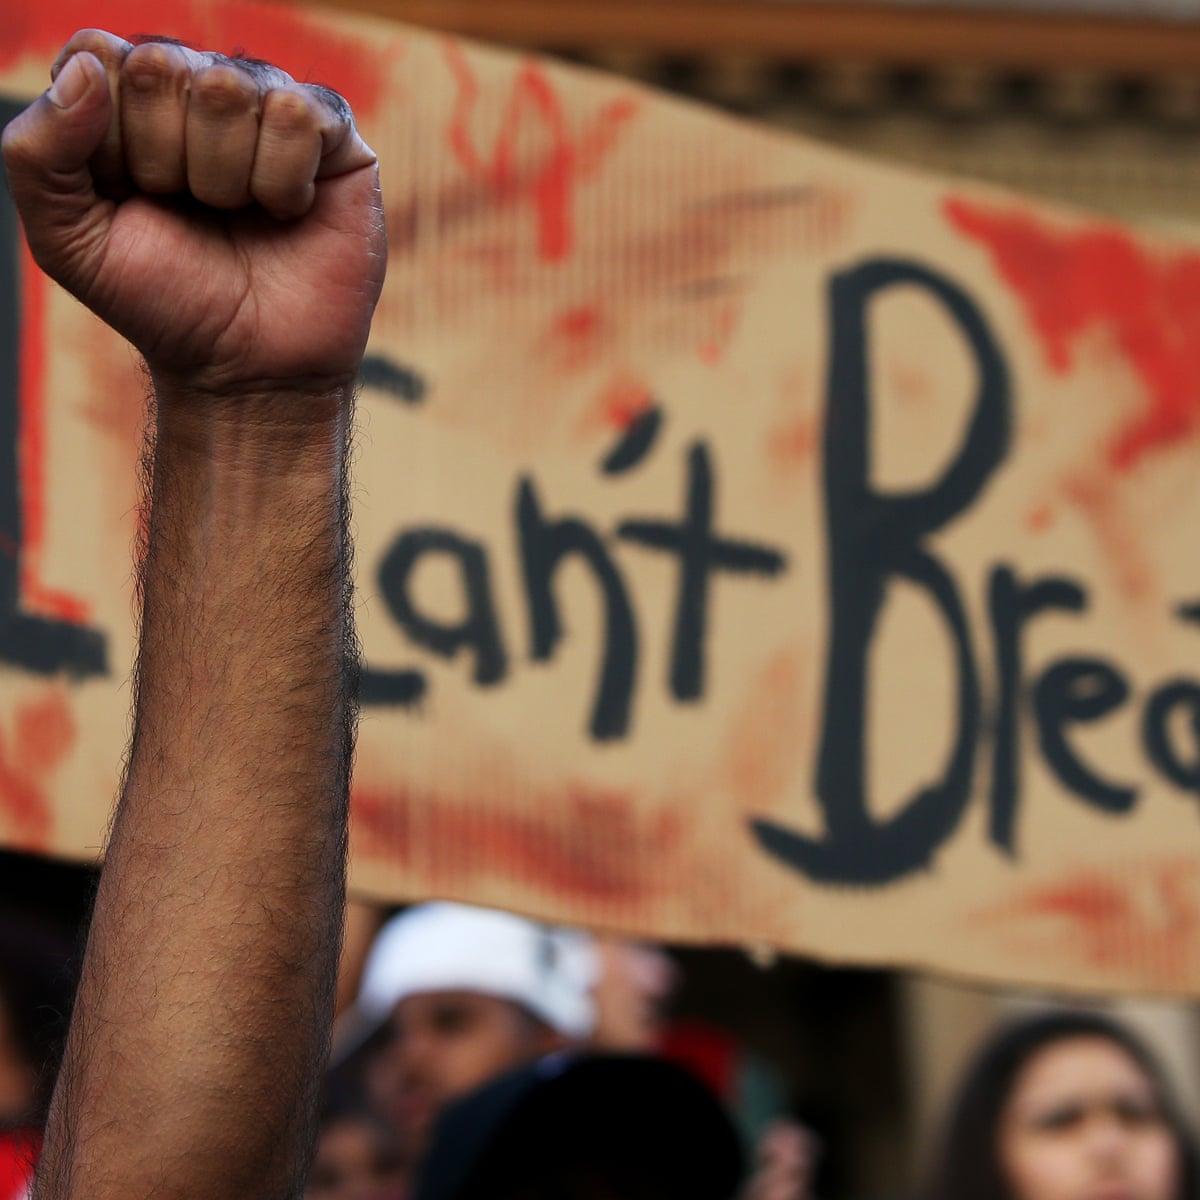 I crimini legati a razzismo e xenofobia sono in progressiva diminuzione<br>Ma la sinistra parla di allarme